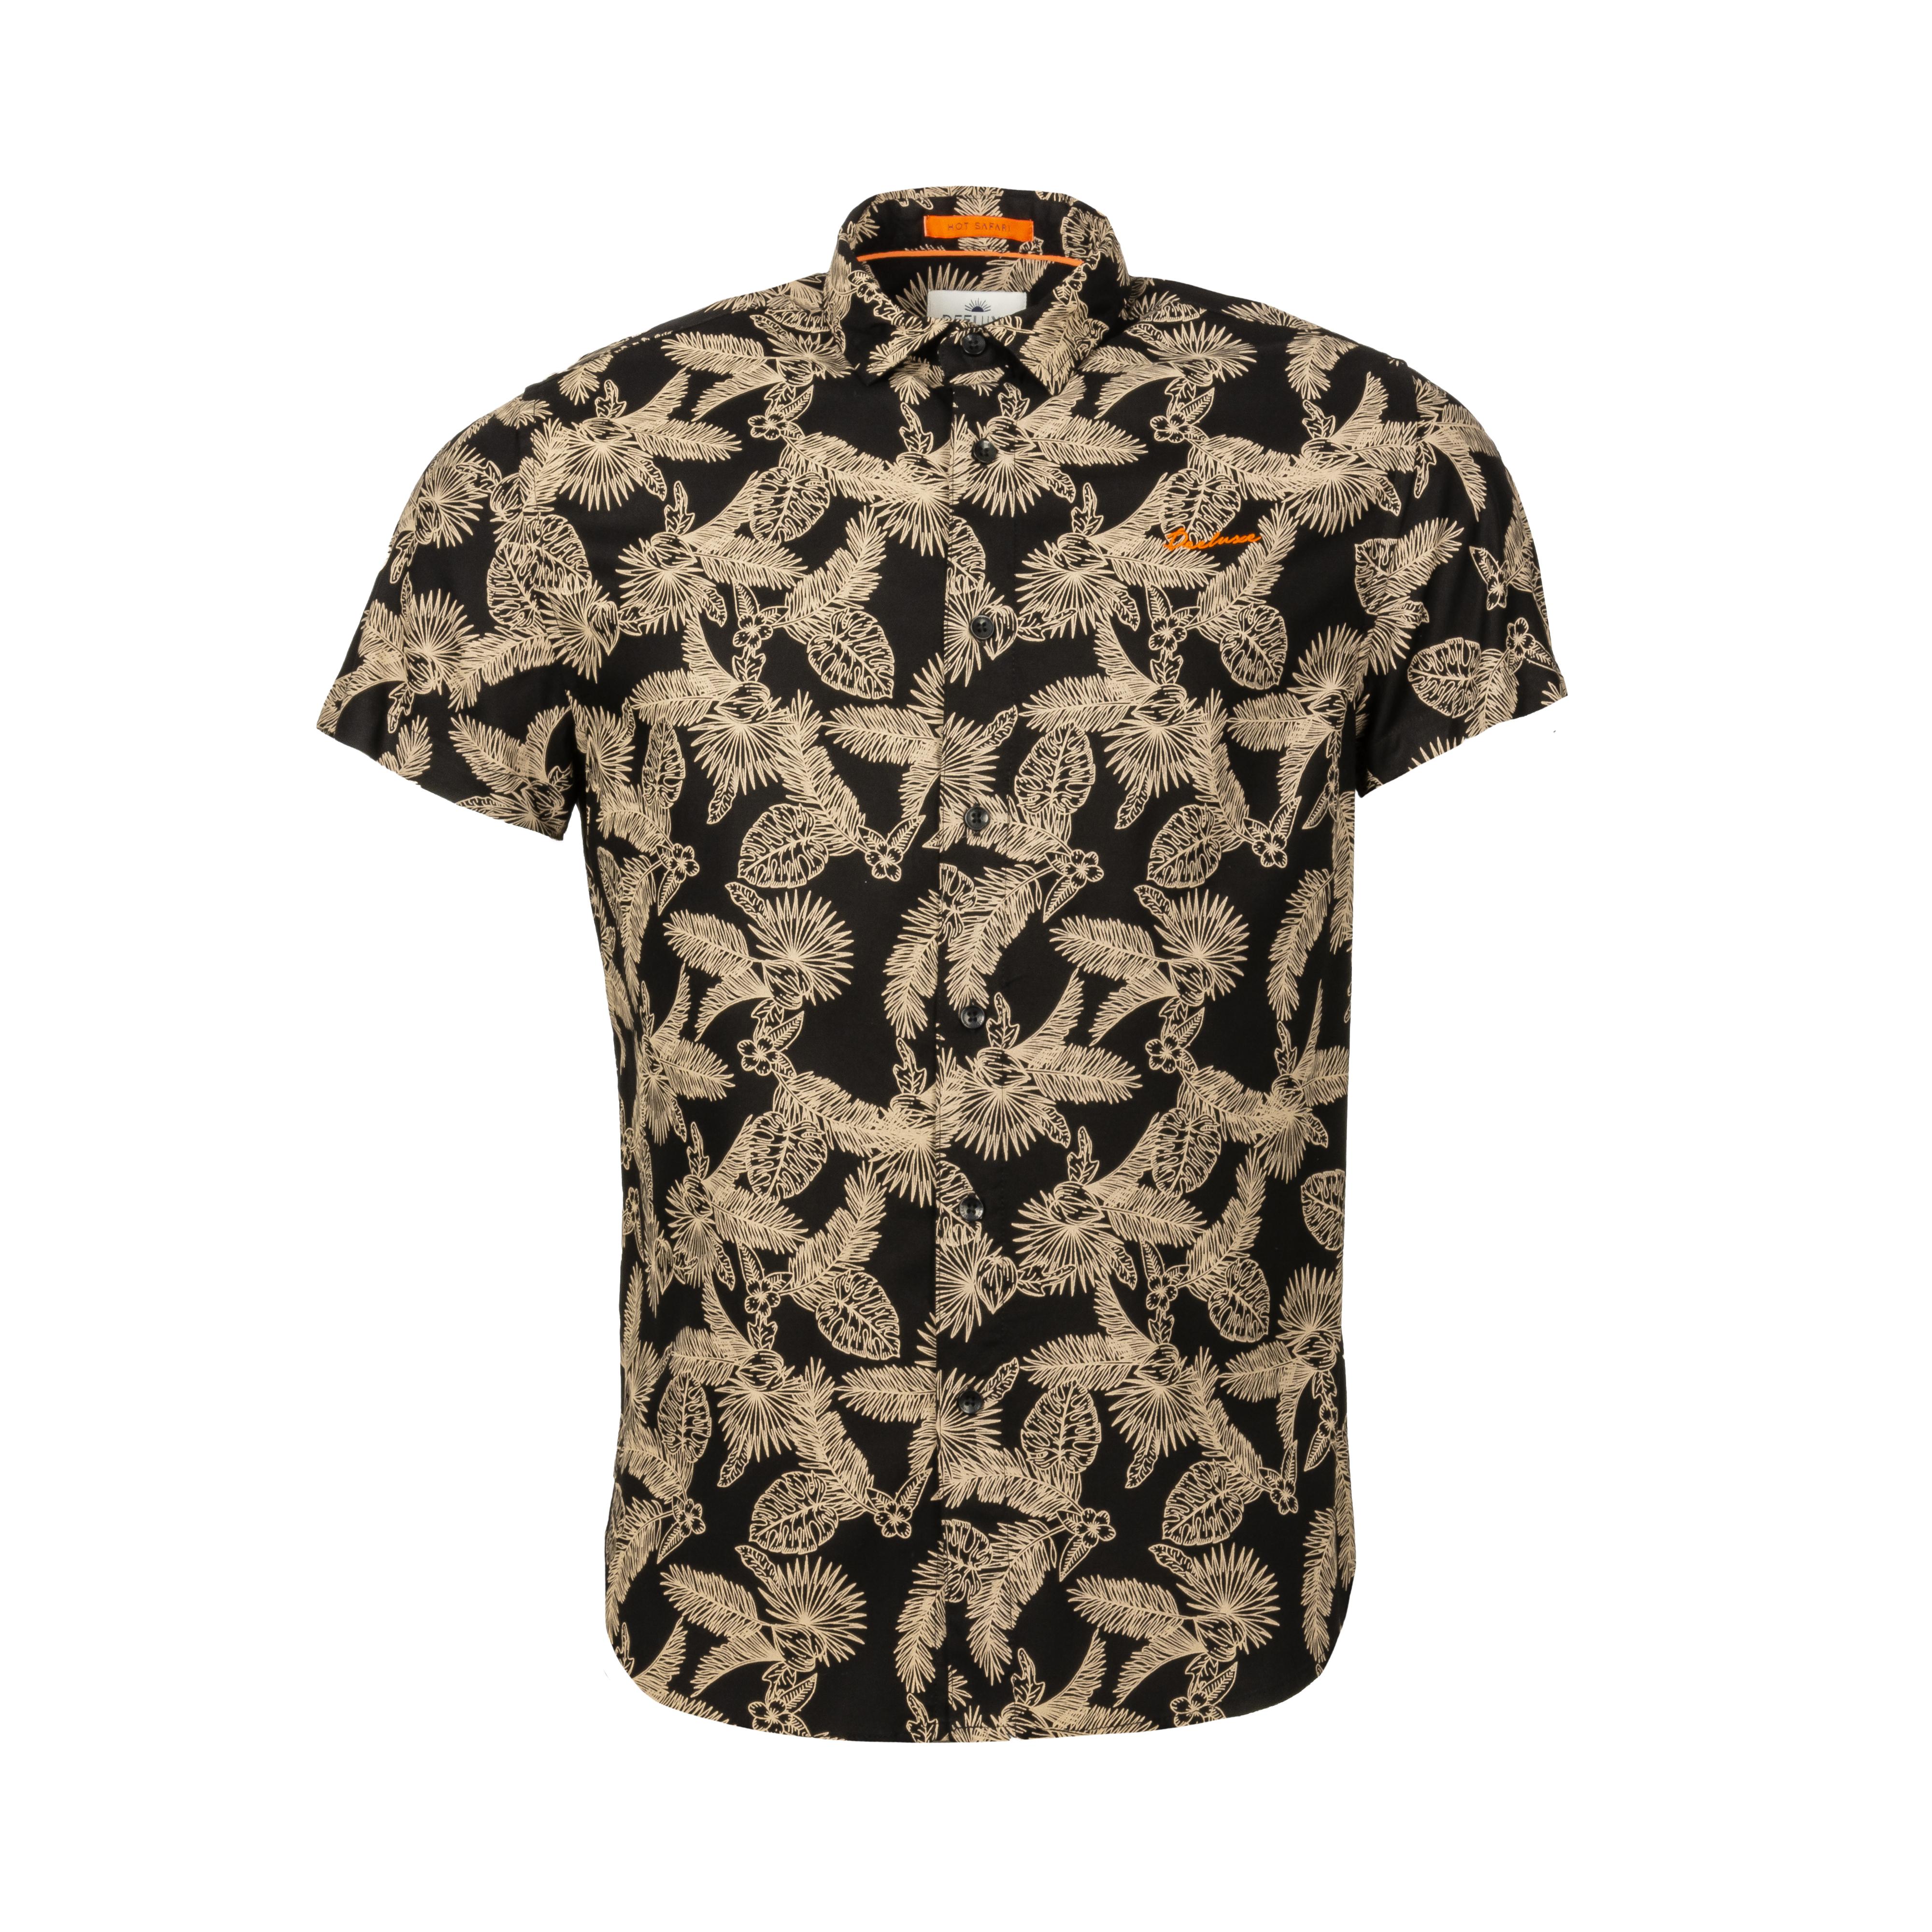 Chemise manches courtes coupe droite deeluxe haley en coton mélangé noire à impression beige